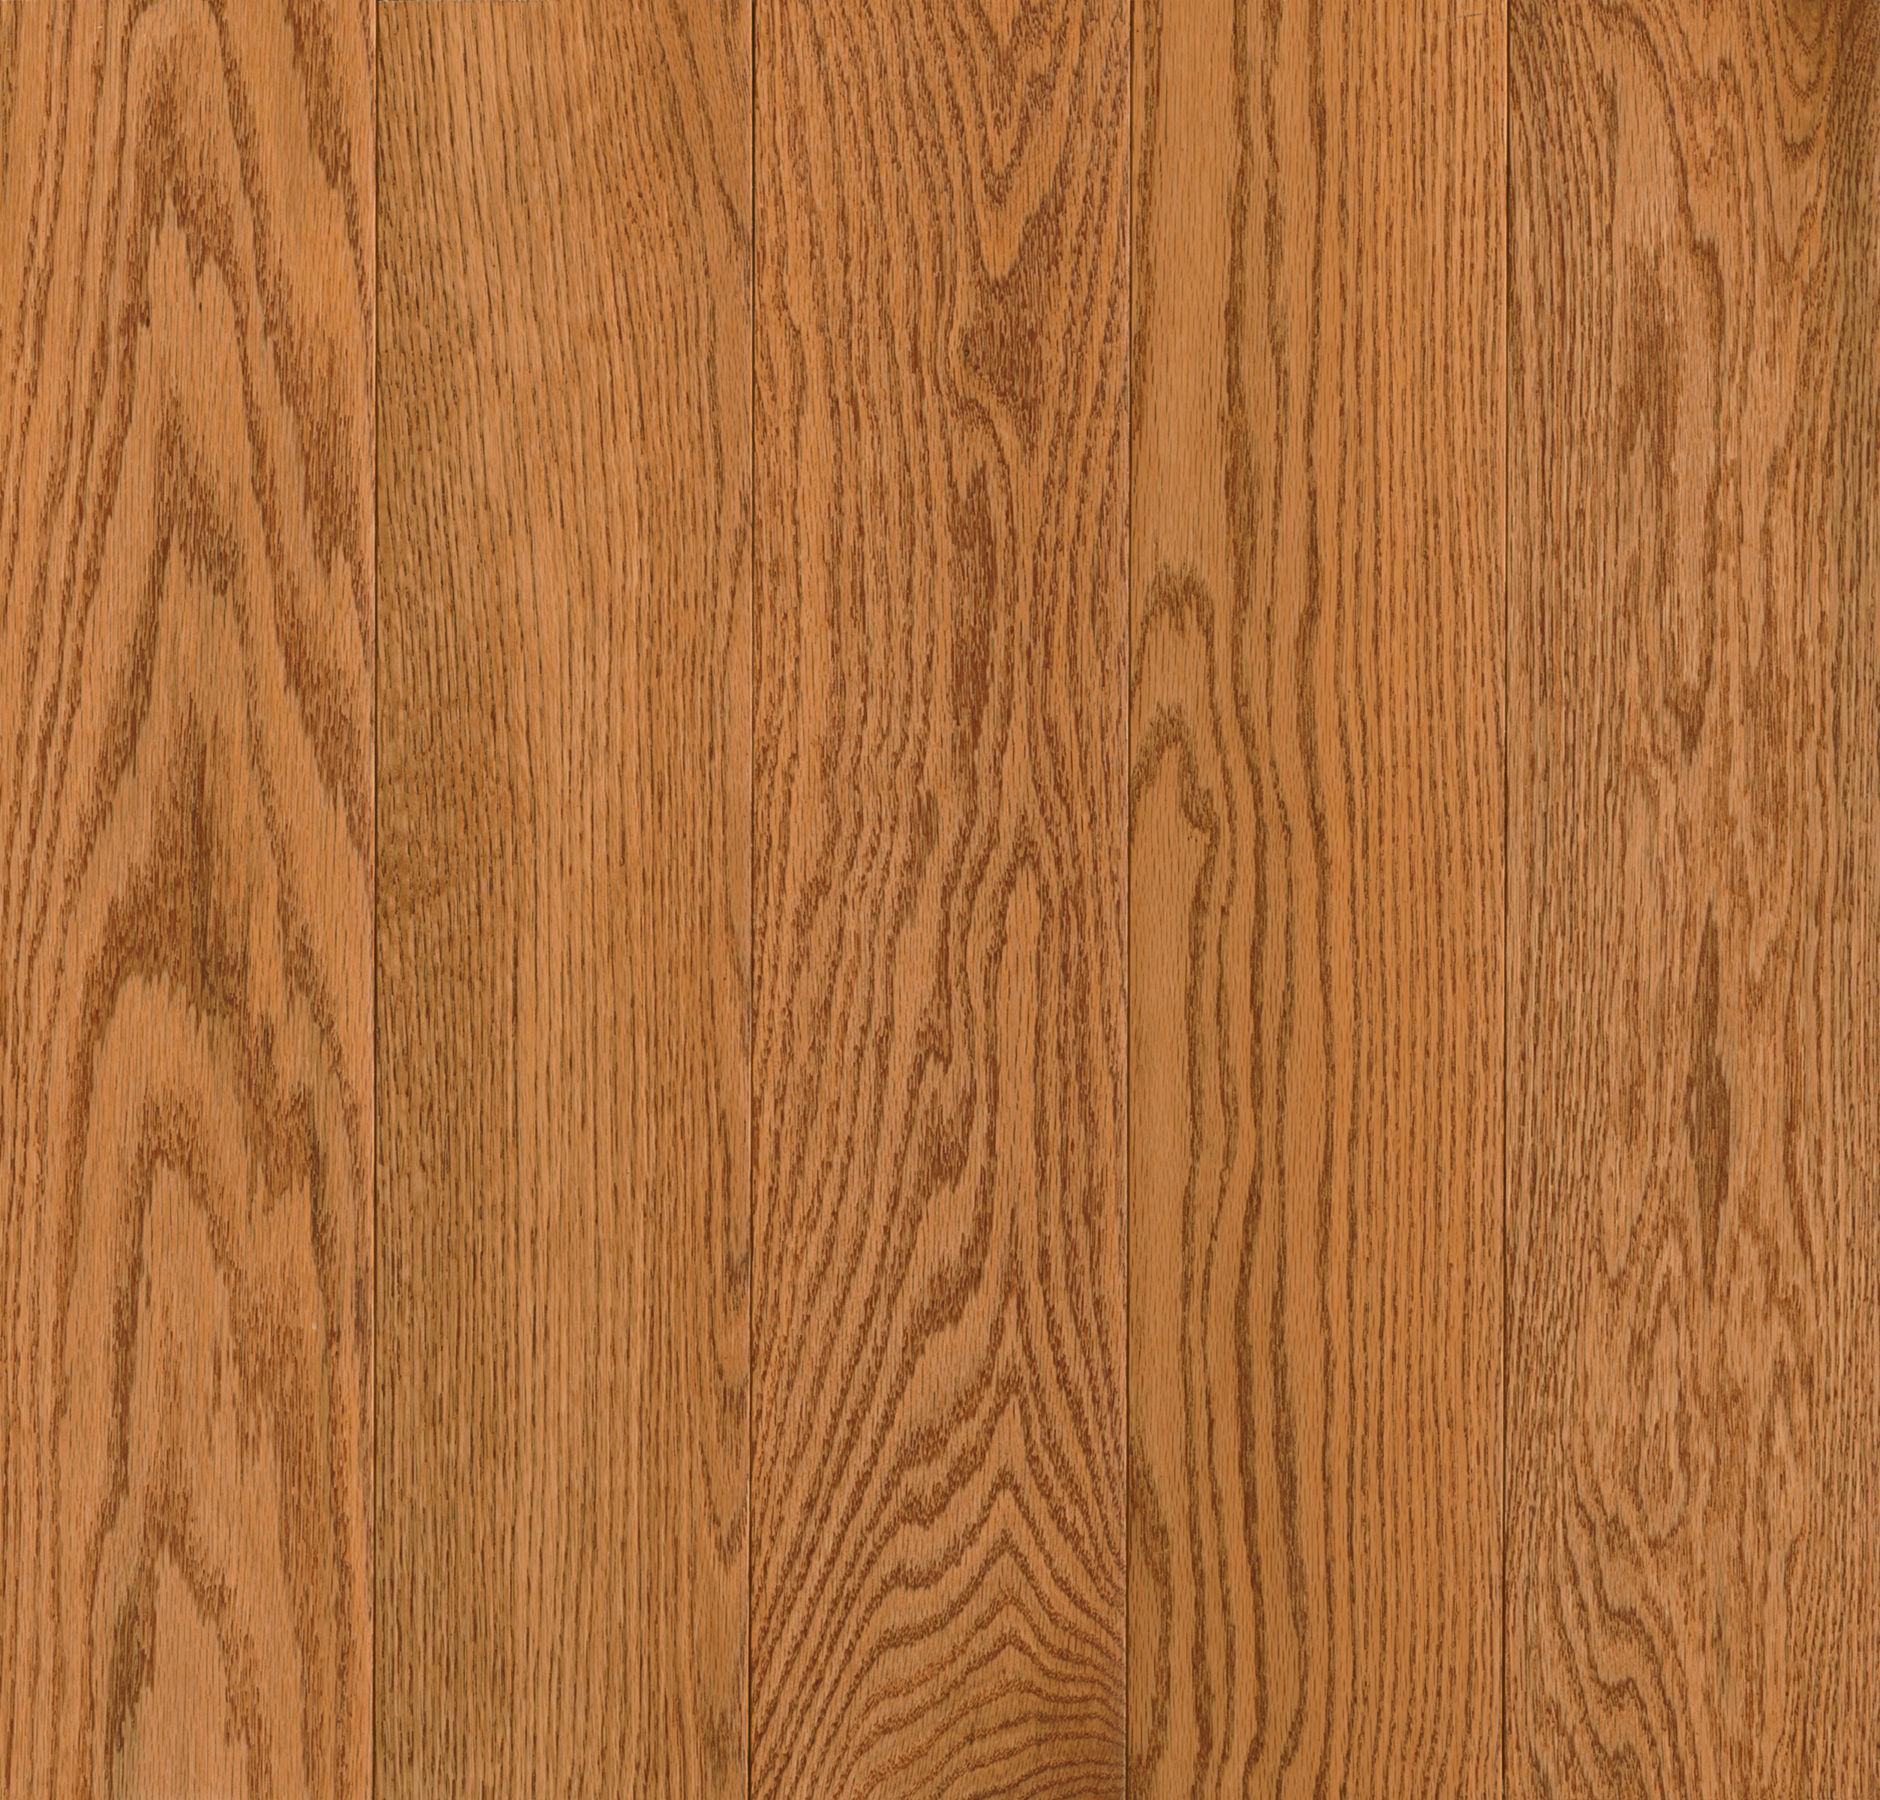 Butterscotch Northern Red Oak